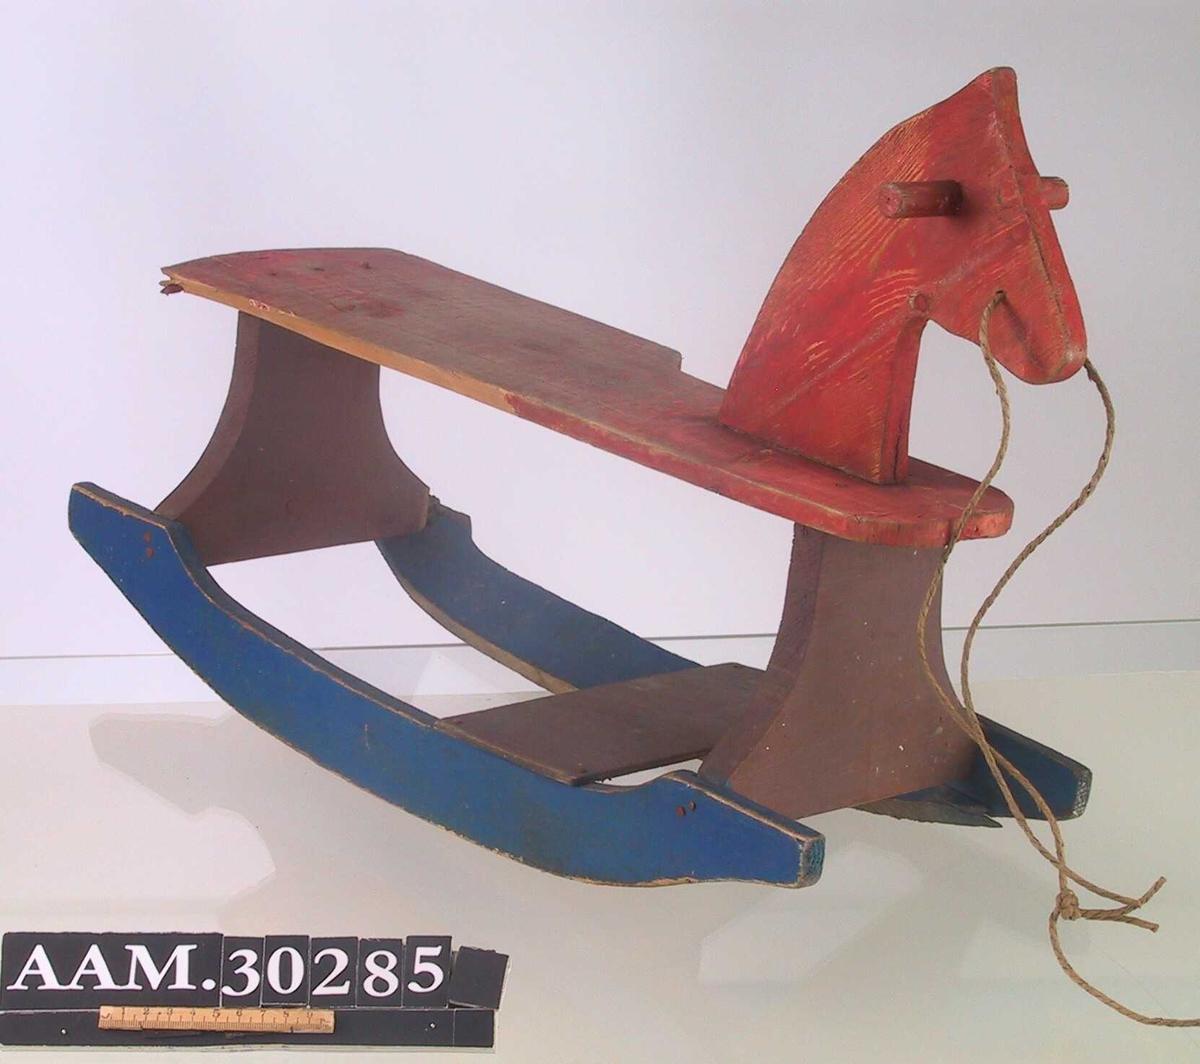 Form: Flat plate til å sitte på, flat hals og hode med håndtak på hver side. Meier med tverrplate til å ha bena på.